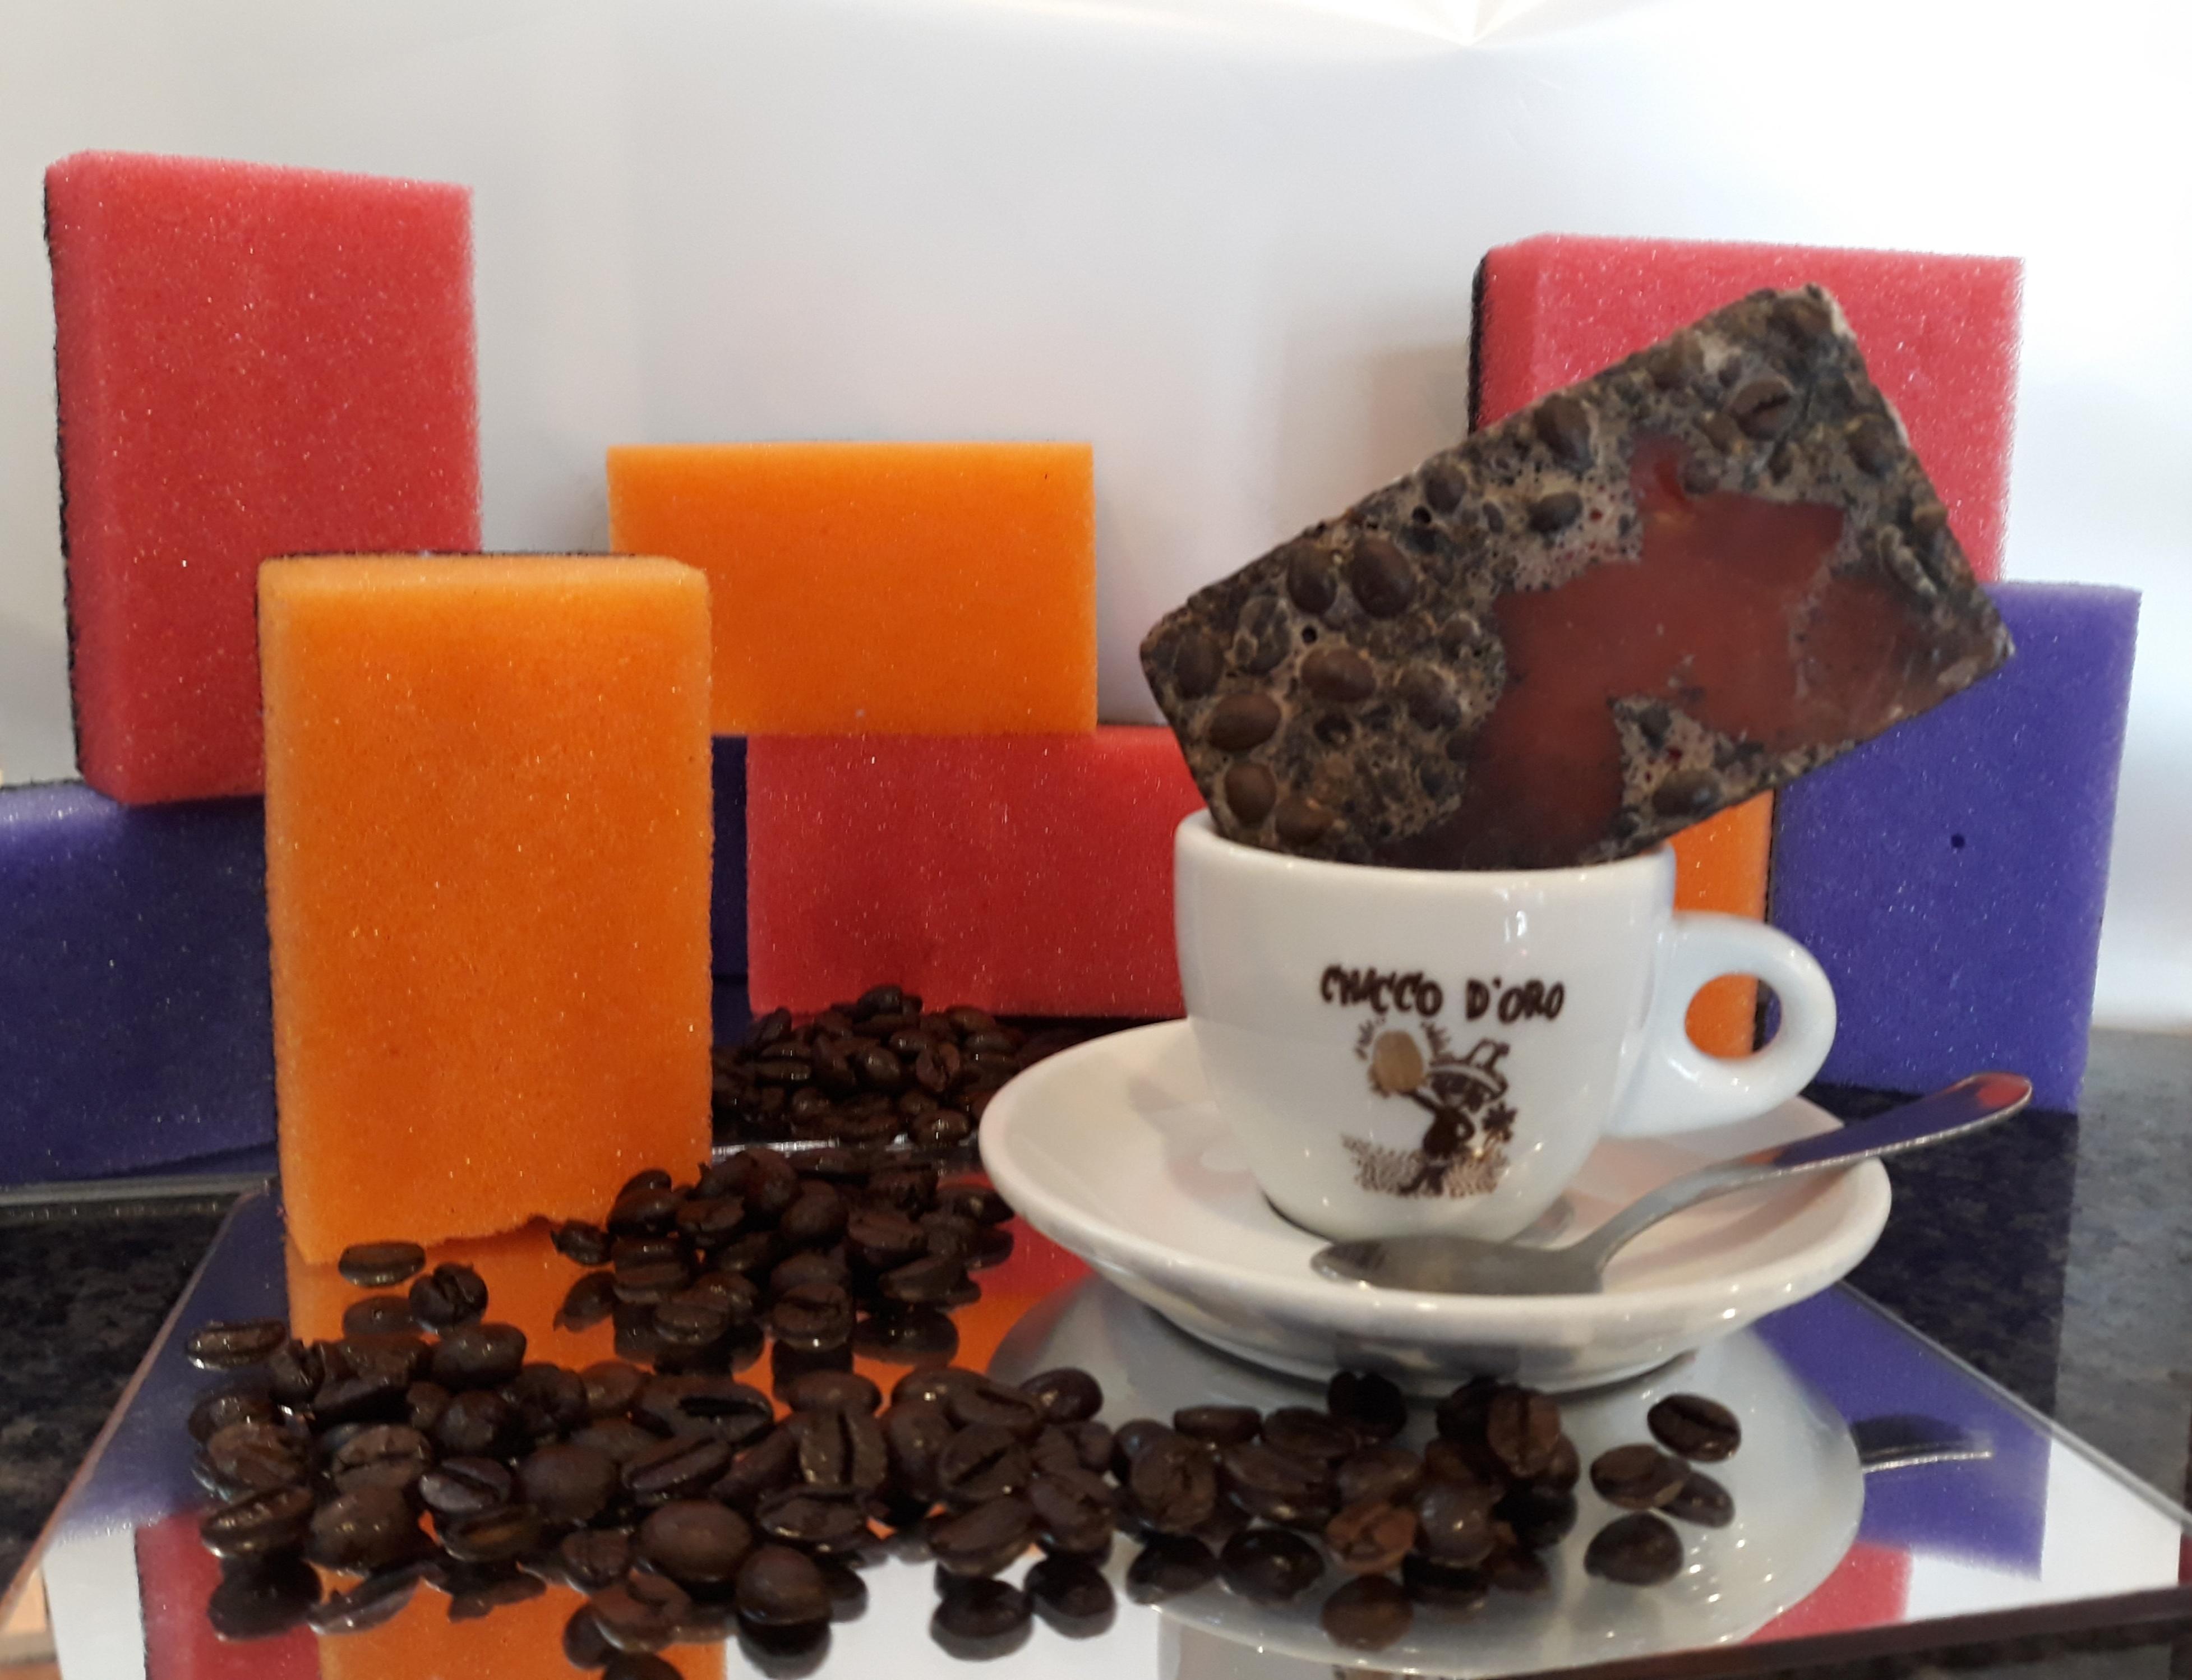 Torrefazione Caffè Chicco D'Oro | Saponetta al Cacao e Caffè – 2